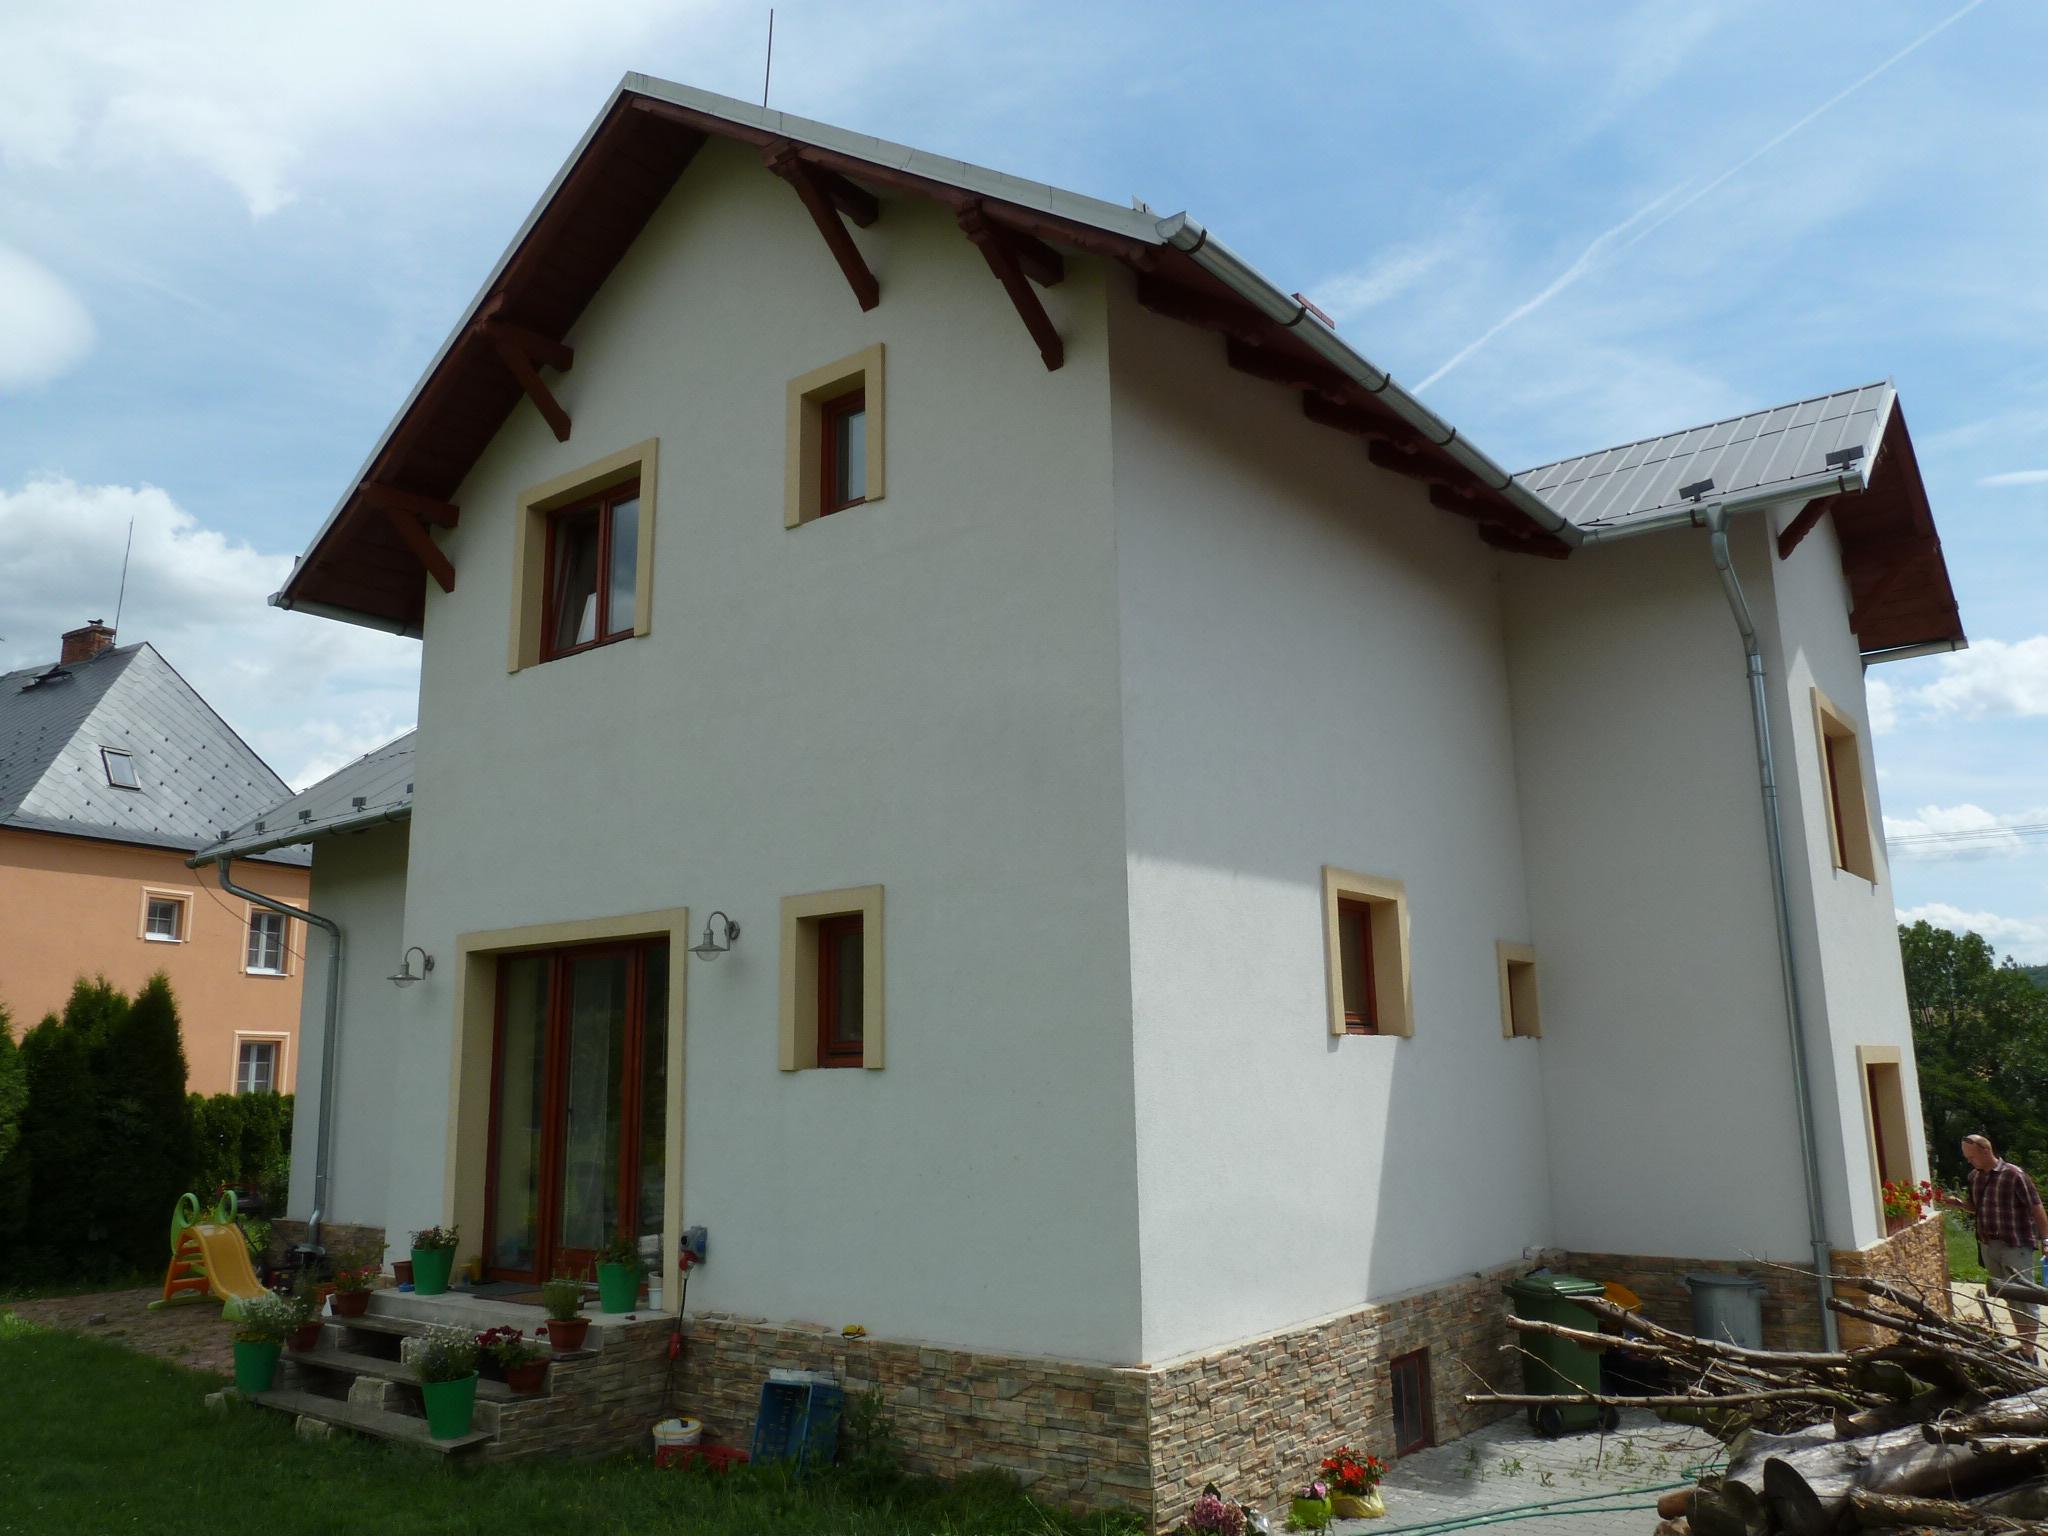 Zrekonstruovaný rodinný dům v Krnově - INSOLVENCE